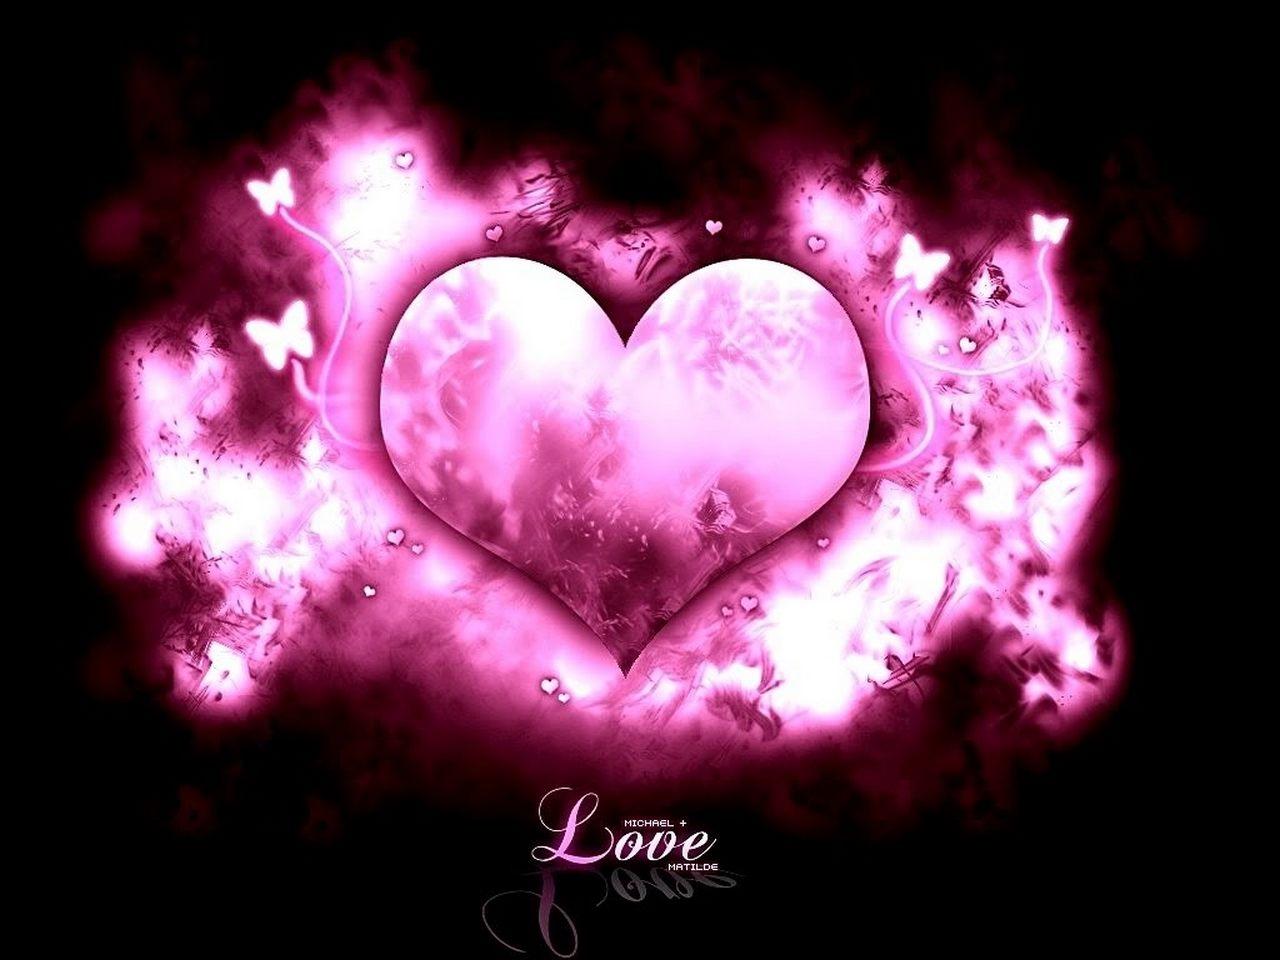 عکس عاشقانه | عکسهای عاشقانه و رمانتیک 2014 | جدیدترین عکس نوشته های عاشقانه | عکس نوشته های عاشقانه و احساسی 93 | عکس عاشقانه 2014 | عکس های عاشقانه و احساسی 2014 | عکس های عاشقانه فیس بوکی 2014 | عکس | عکس عاشقانه غم انگیز | جمله های عاشقانه | جمله عاشقانه | عکس نوشته احساسی | آریا فان